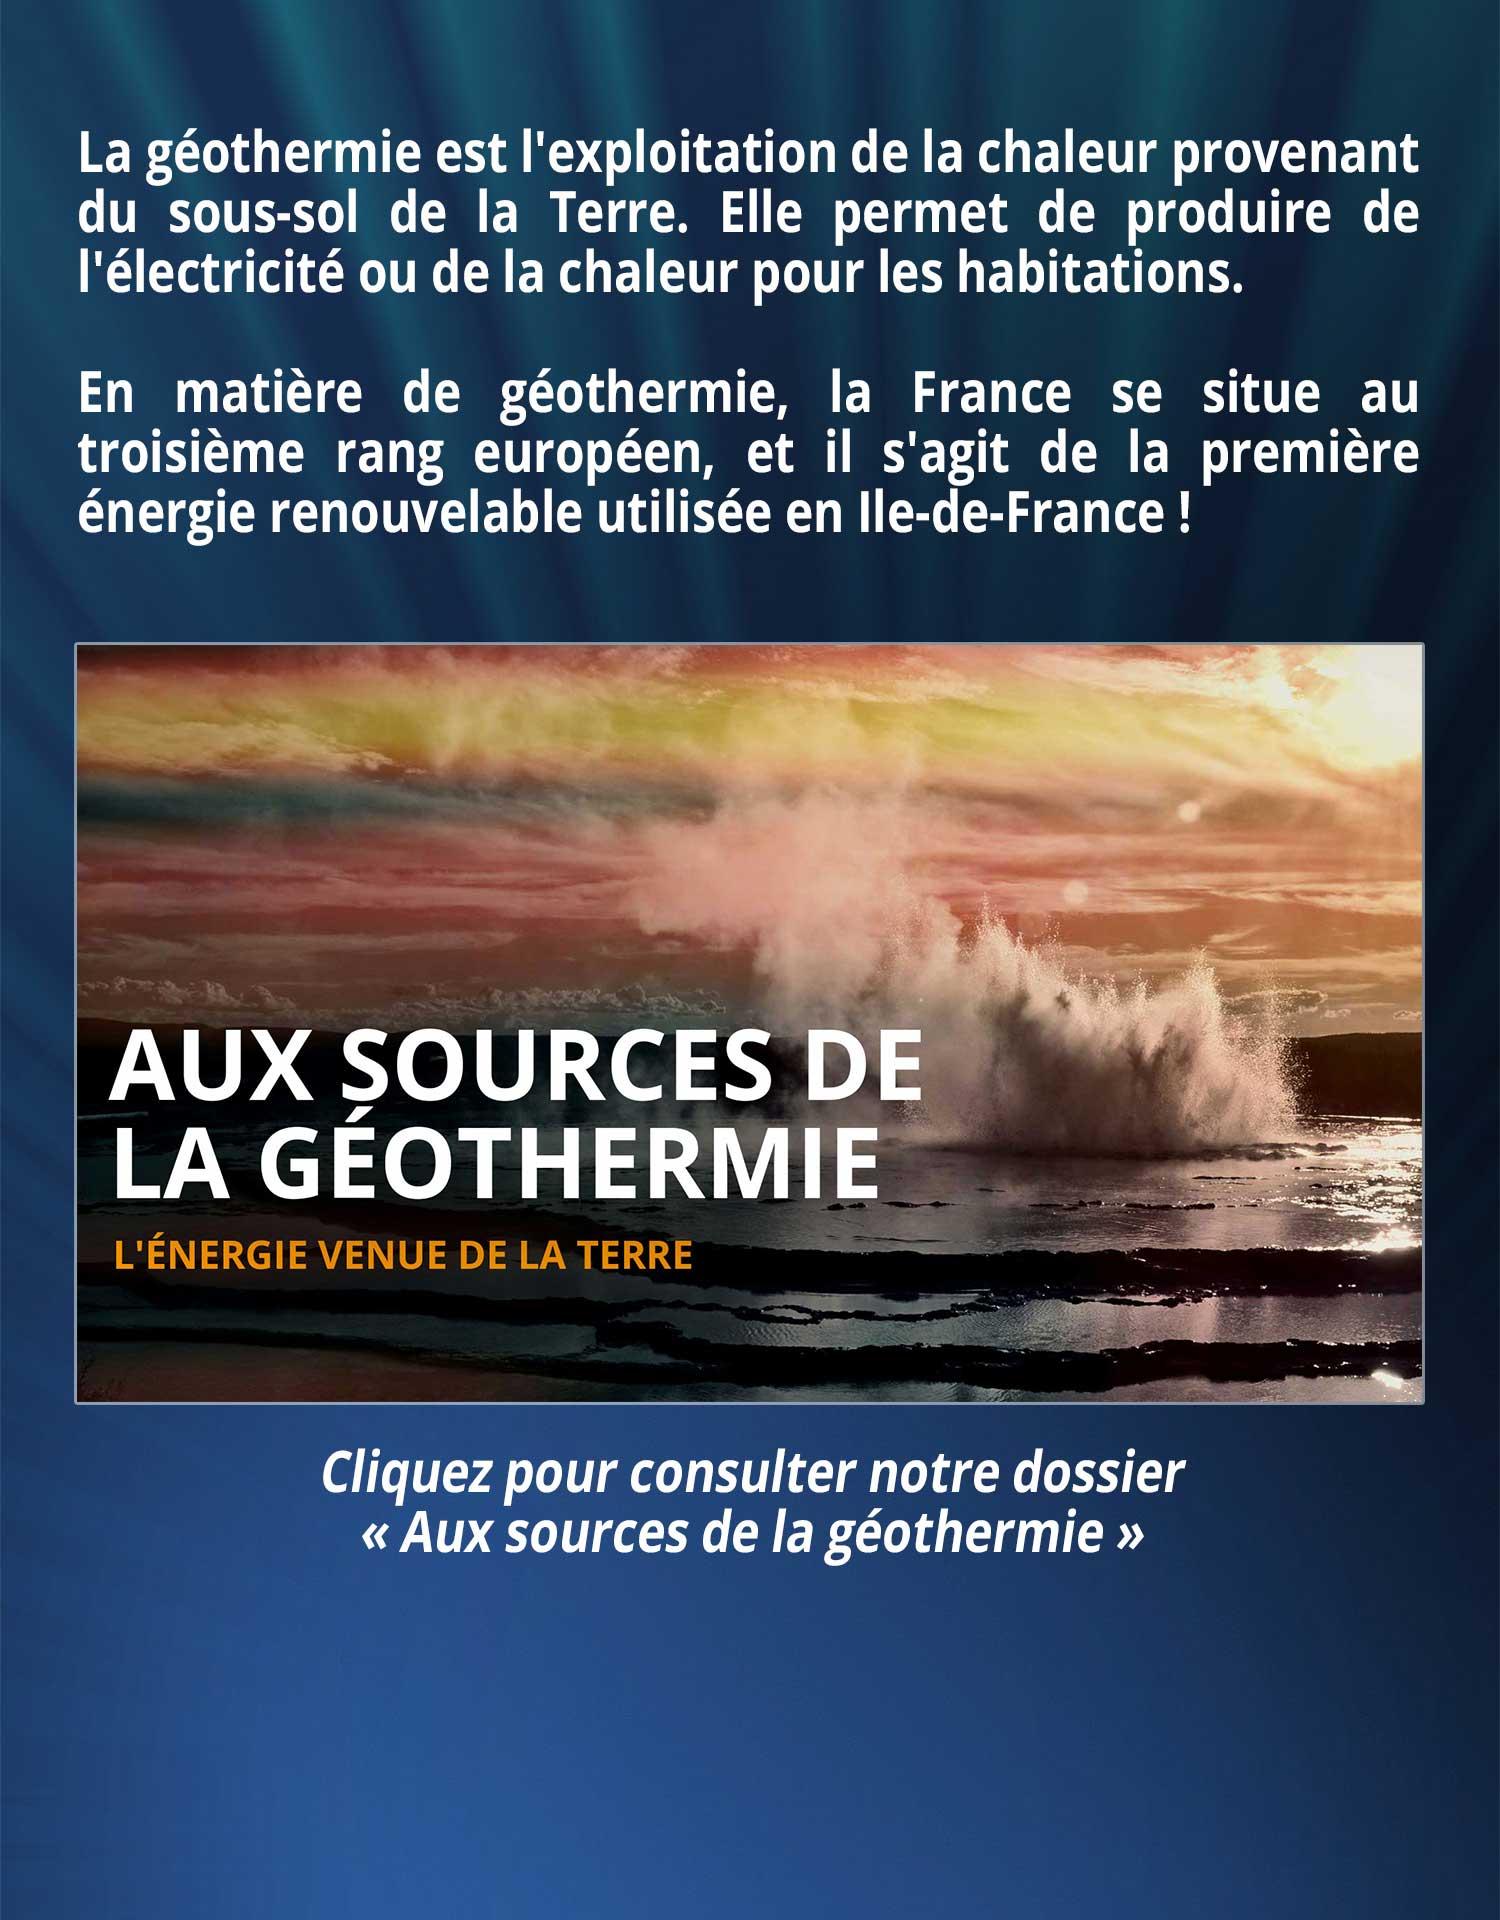 La géothermie est l'exploitation de la chaleur provenant du sous-sol de la Terre. Elle permet de produire de l'électricité ou de la chaleur pour les habitations. En matière de géothermie, la France se situe au troisième rang européen, et il s'agit de la première énergie renouvelable utilisée en Ile-de-France !